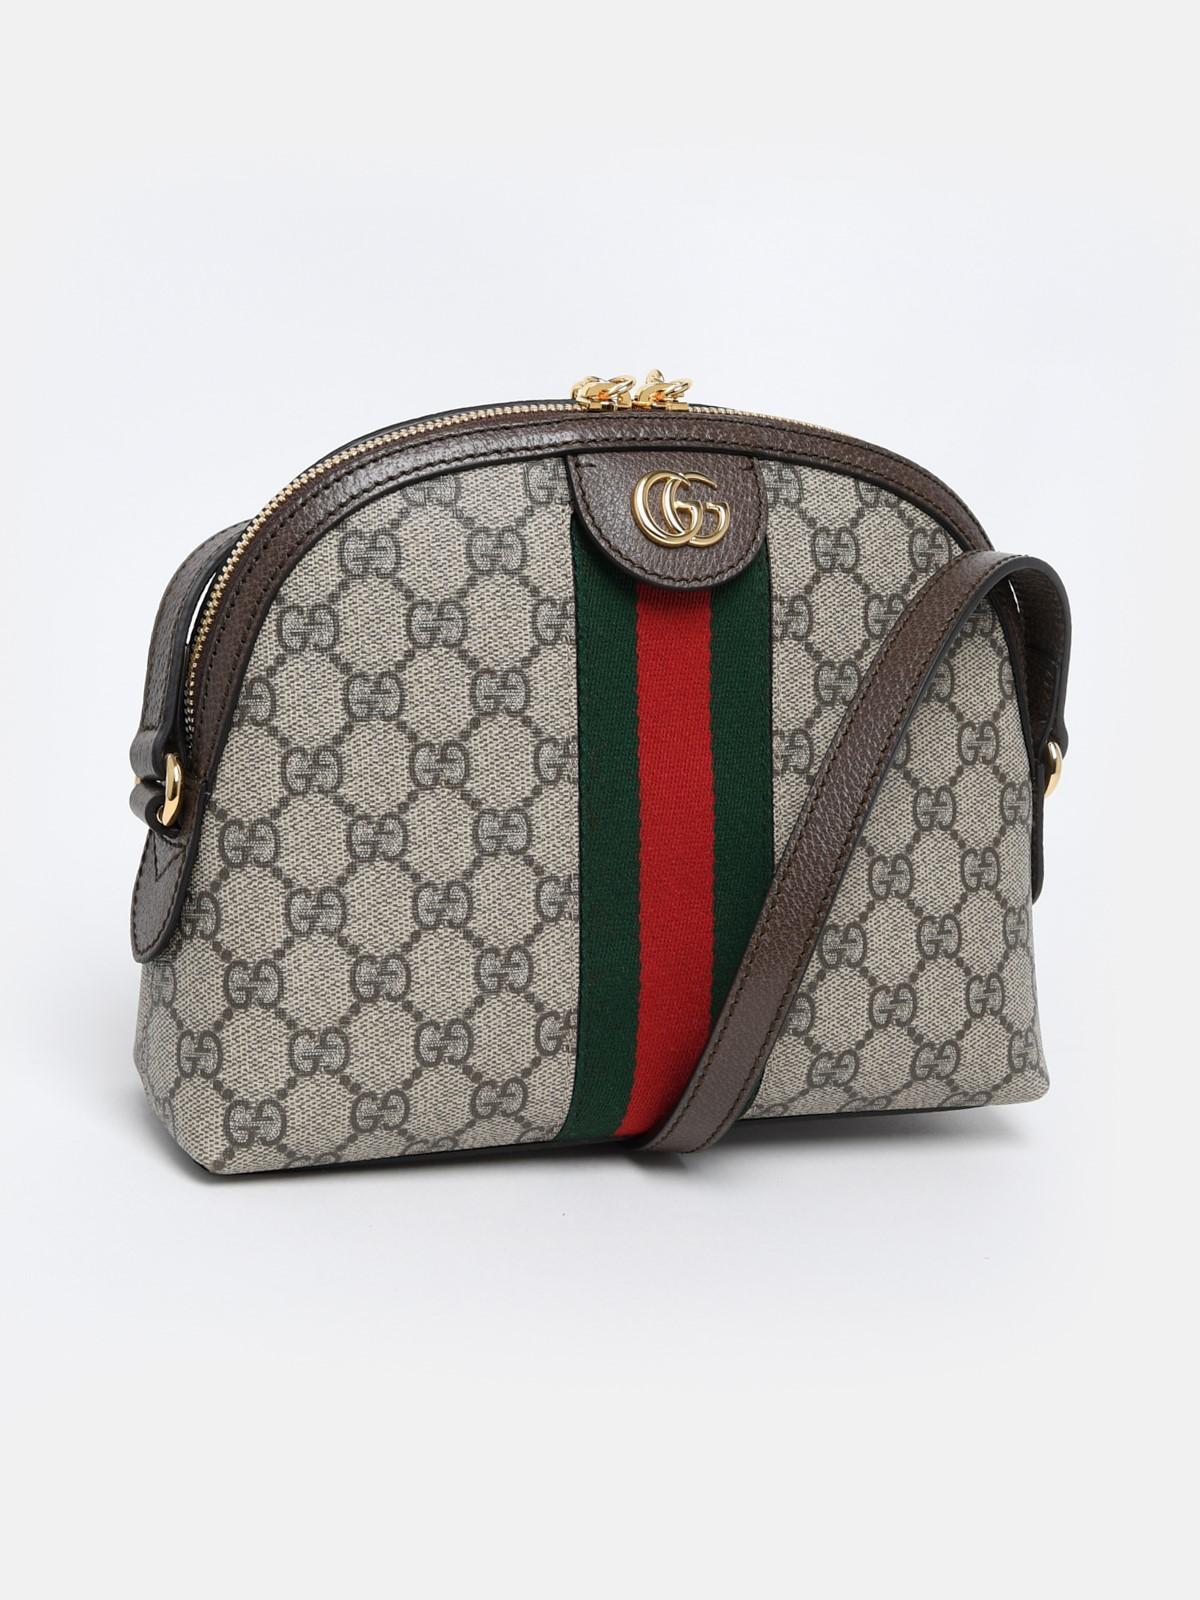 5a6cbc94e71153 Gucci Borsa Ophidia Web GG Supreme - Lyst